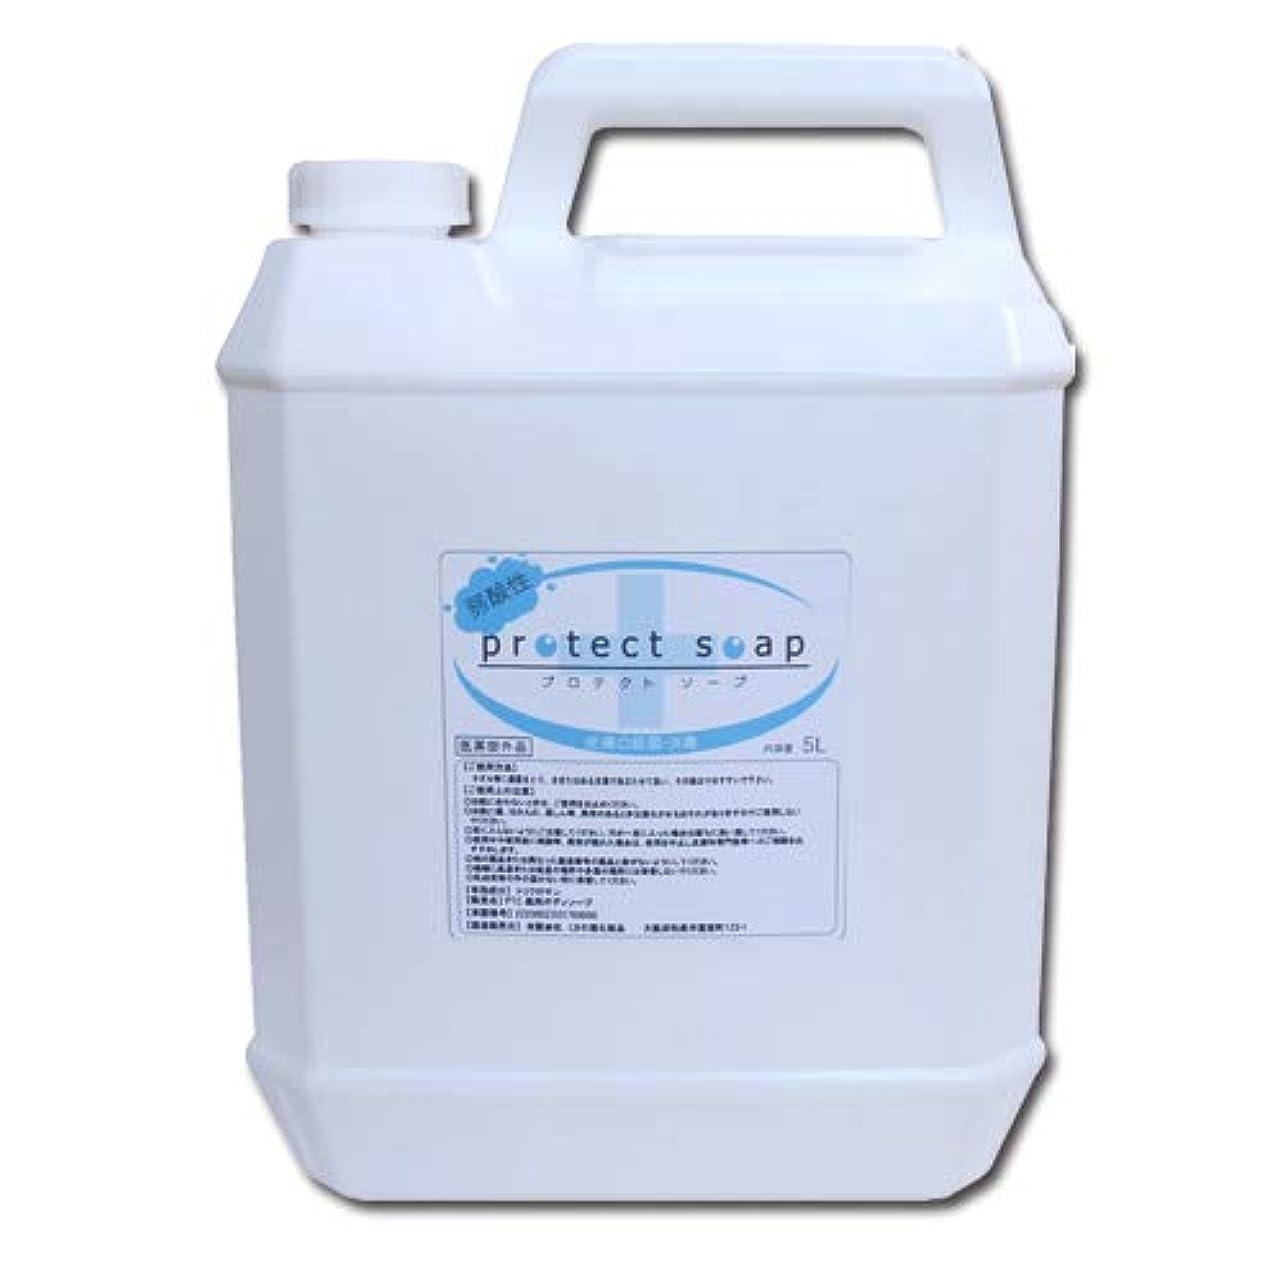 見出しパズル時刻表低刺激弱酸性 液体石鹸 プロテクトソープ 5L 業務用│せっけん液 液体せっけん 殺菌?消毒 インフルエンザ?ノロウィルス対策